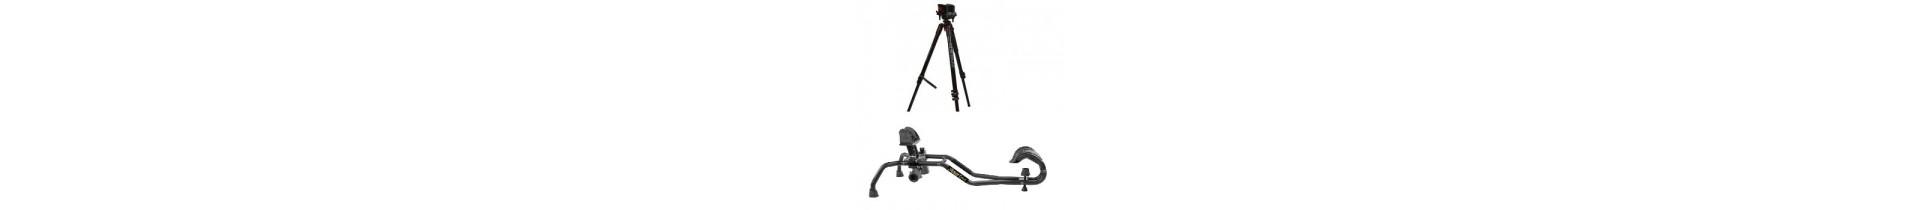 Une sélection de trépieds de pour votre carabine ou votre spoting scope  sur Tactirshop